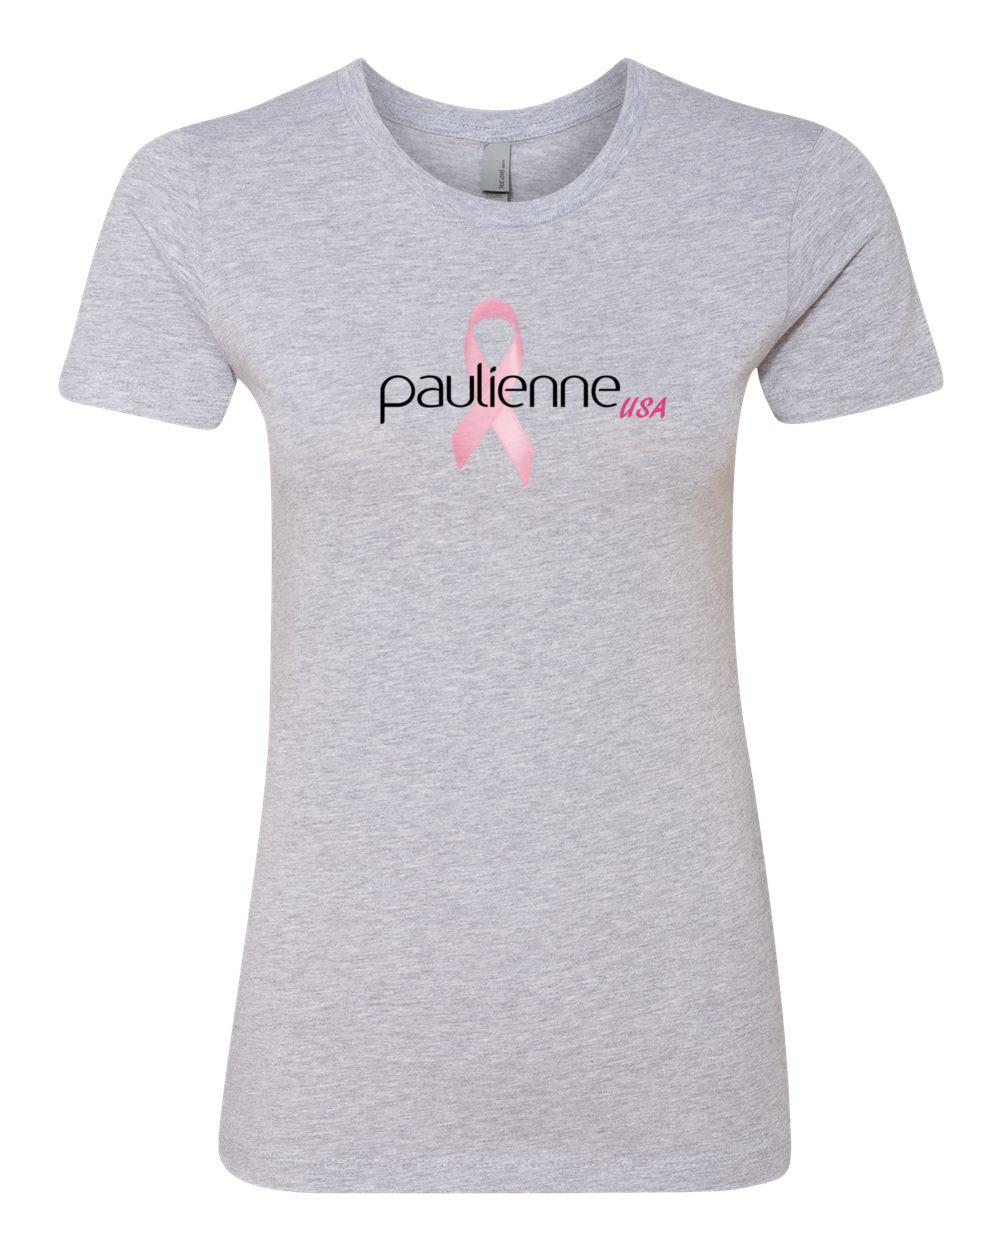 PaulienneUSA Pink ribbon